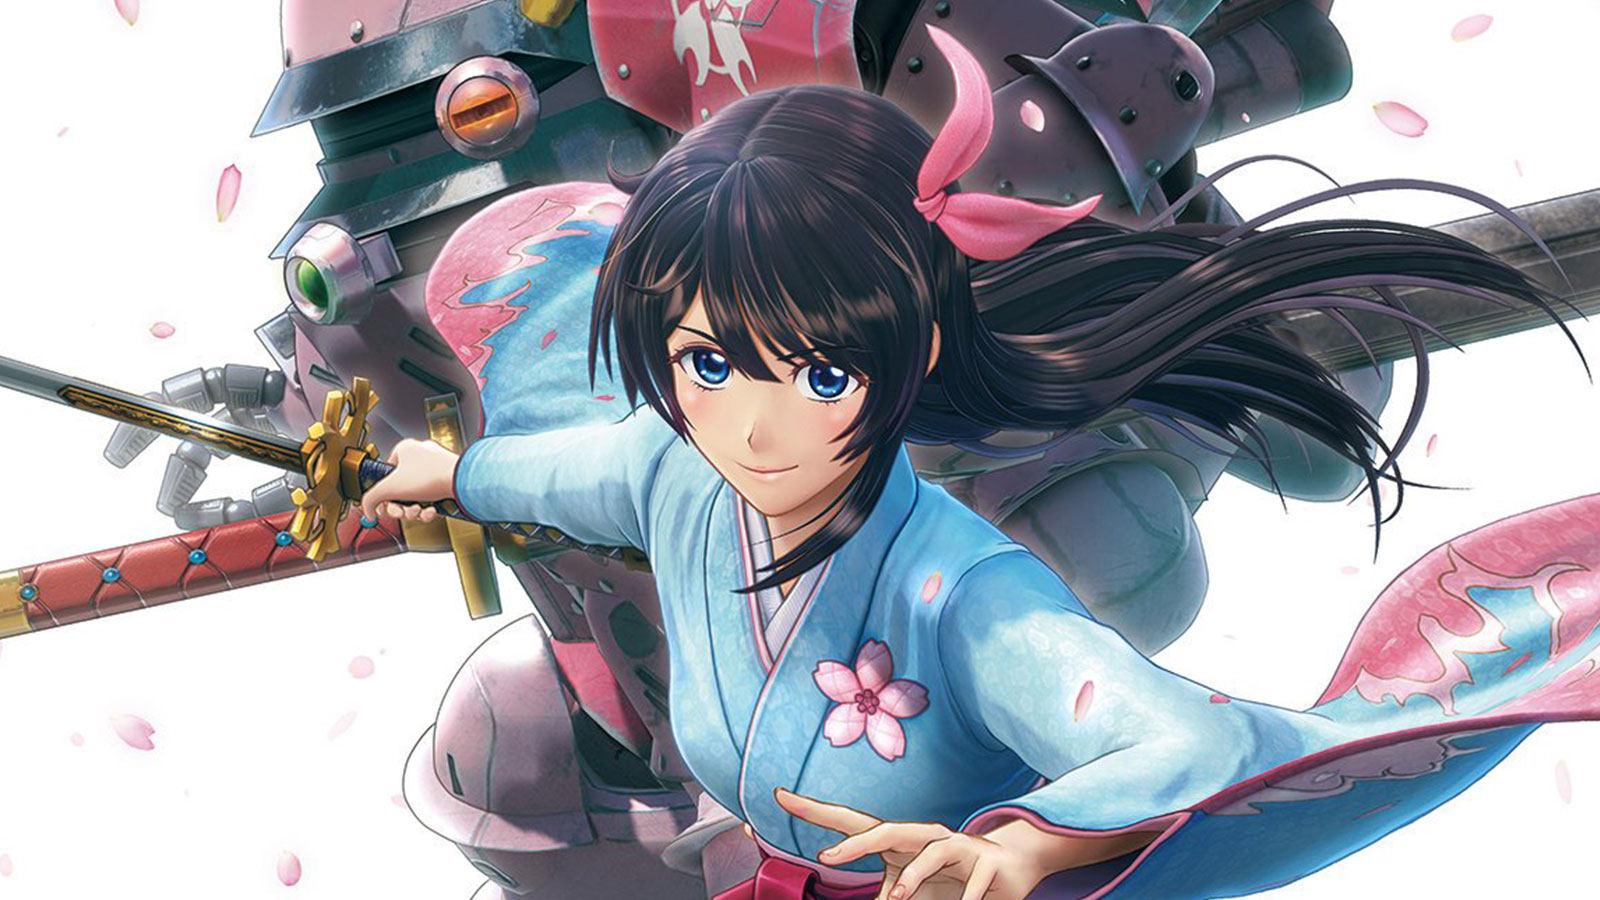 《新樱花大战》将在7月25日晚19点进行第二次直播,展示战斗系统